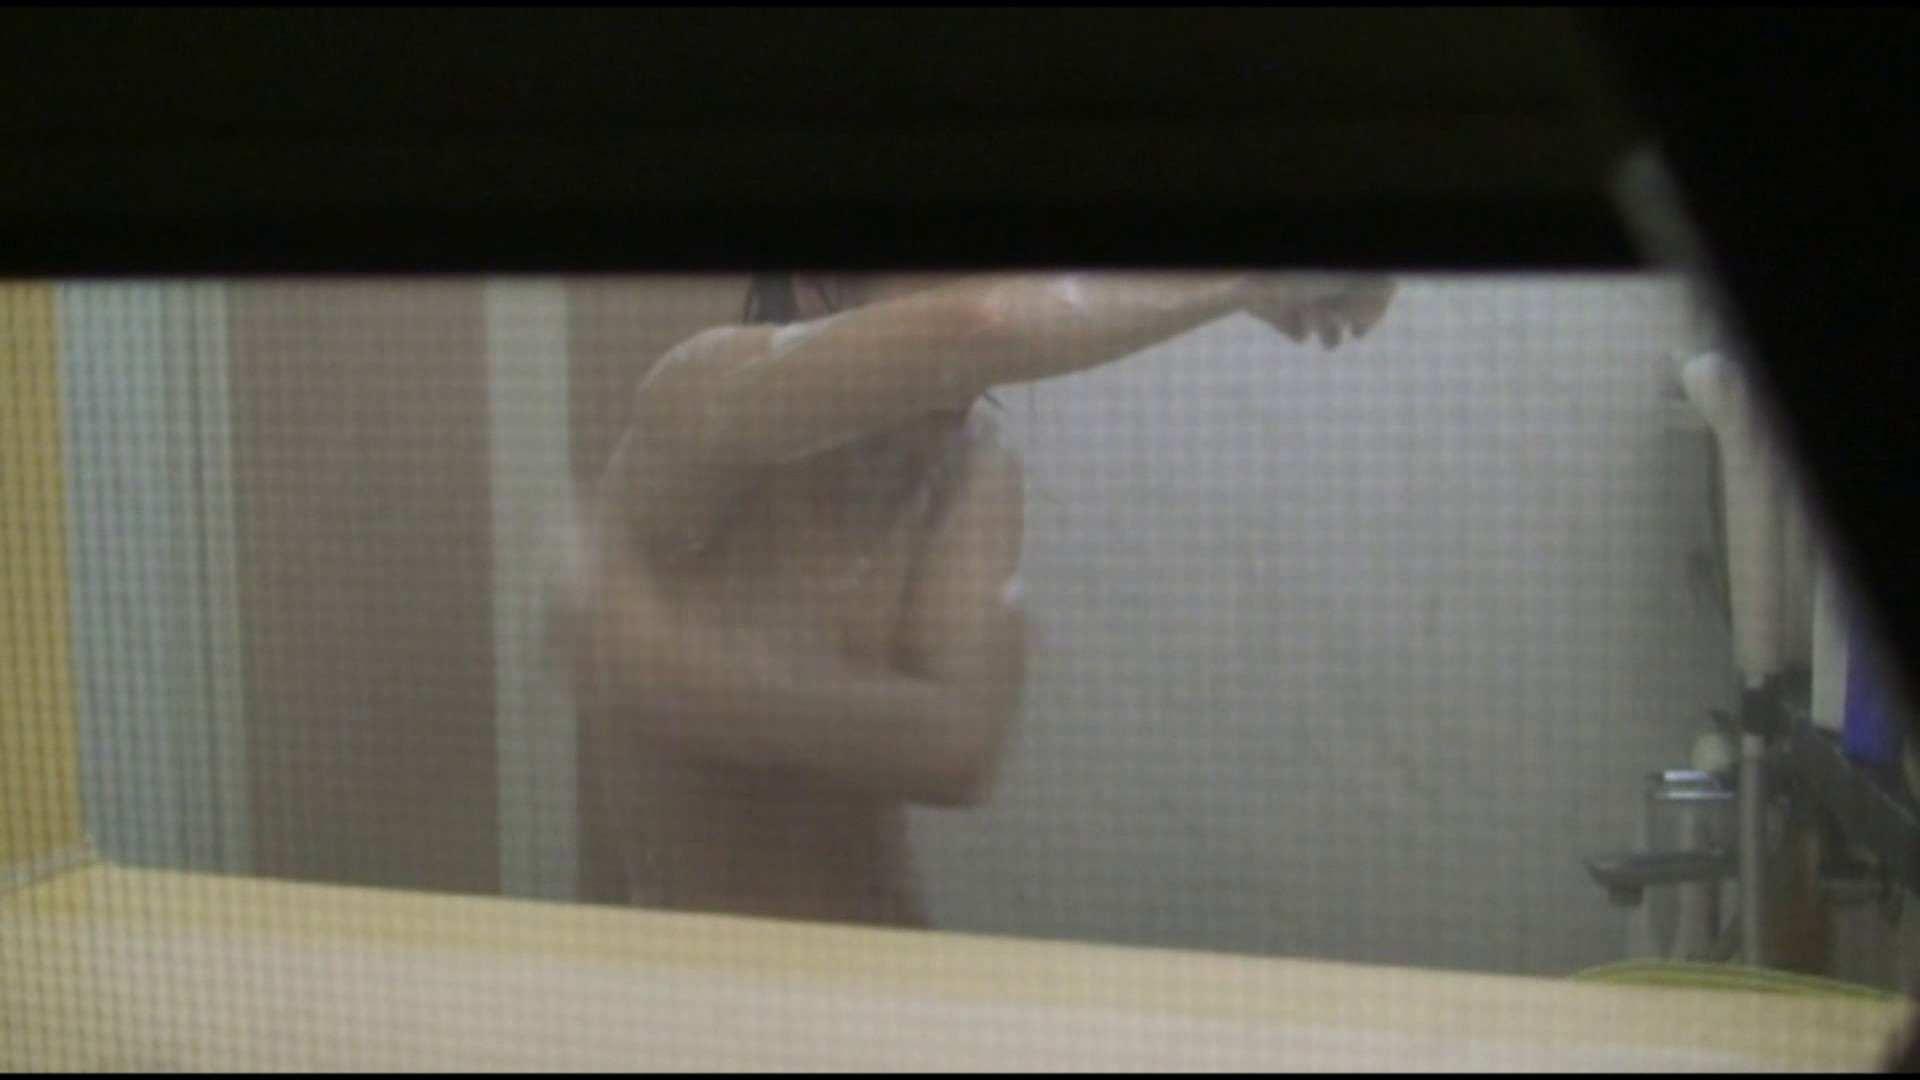 vol.04巨乳美人のおっぱいがプルルンッと弾けてます!風呂上りも必見 覗き  94pic 75